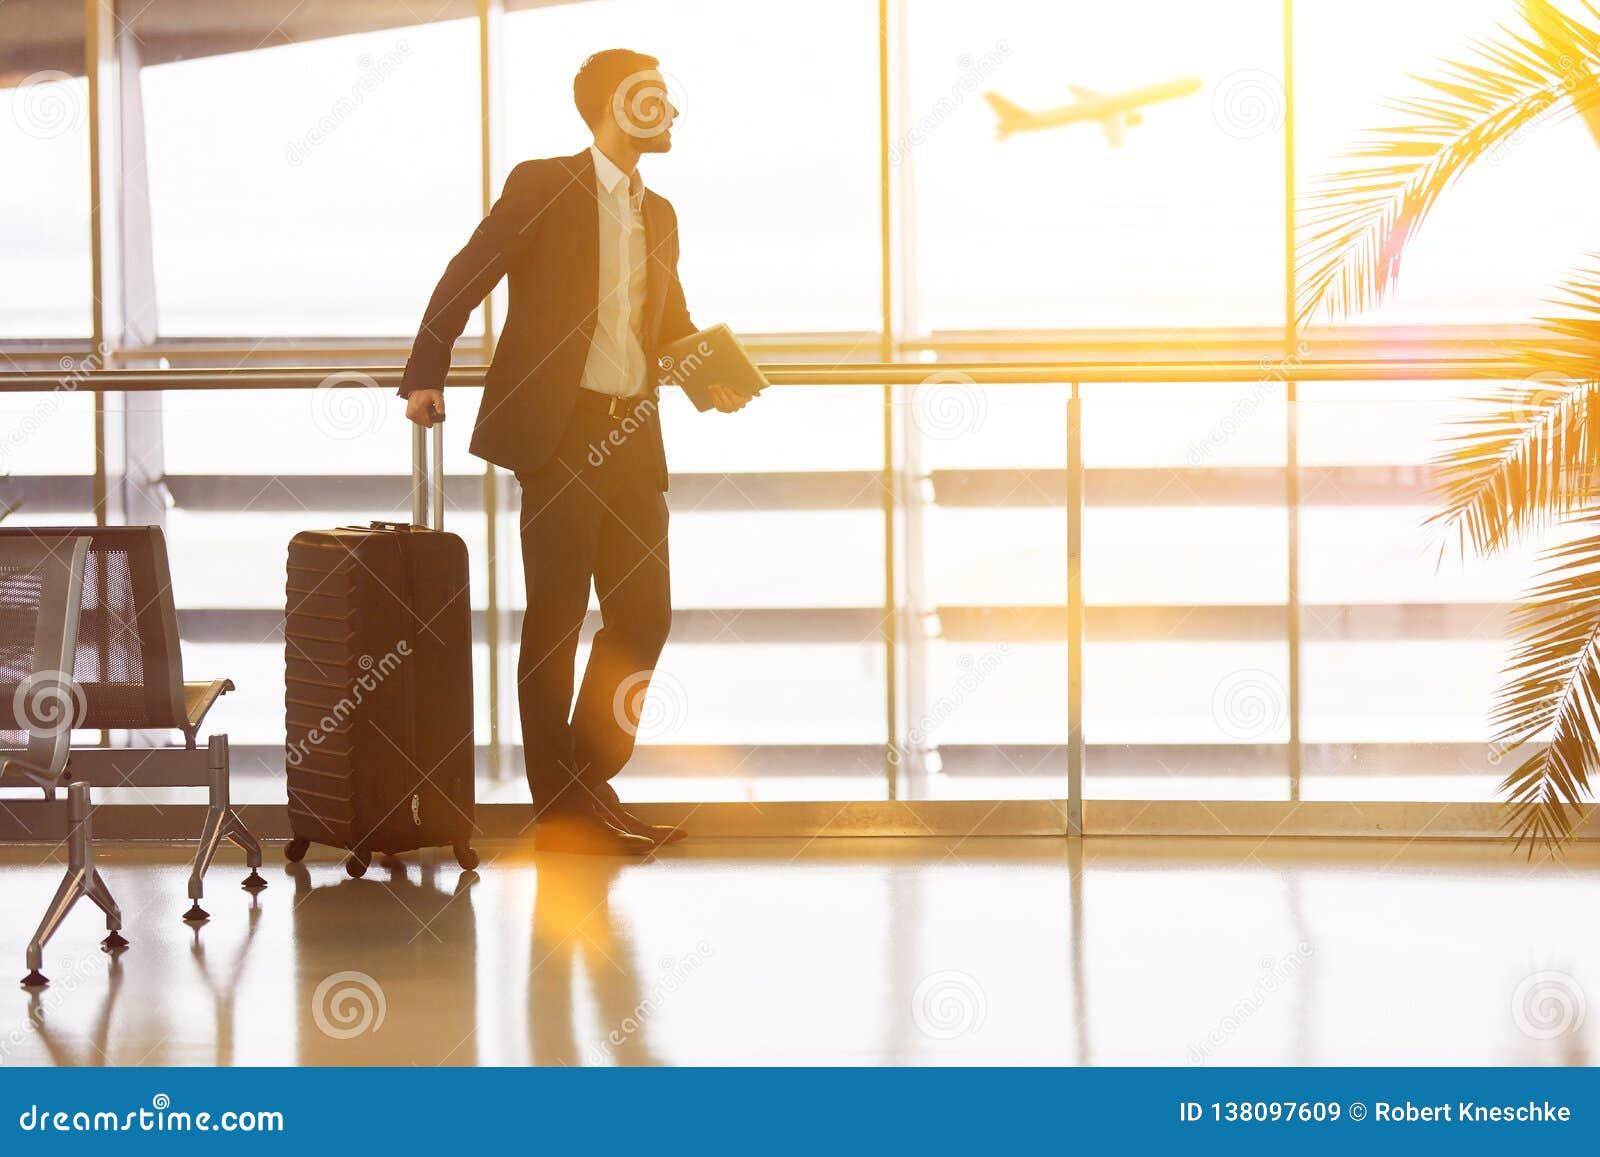 Επιχειρηματίας που ταξιδεύει στον αερολιμένα το καλοκαίρι